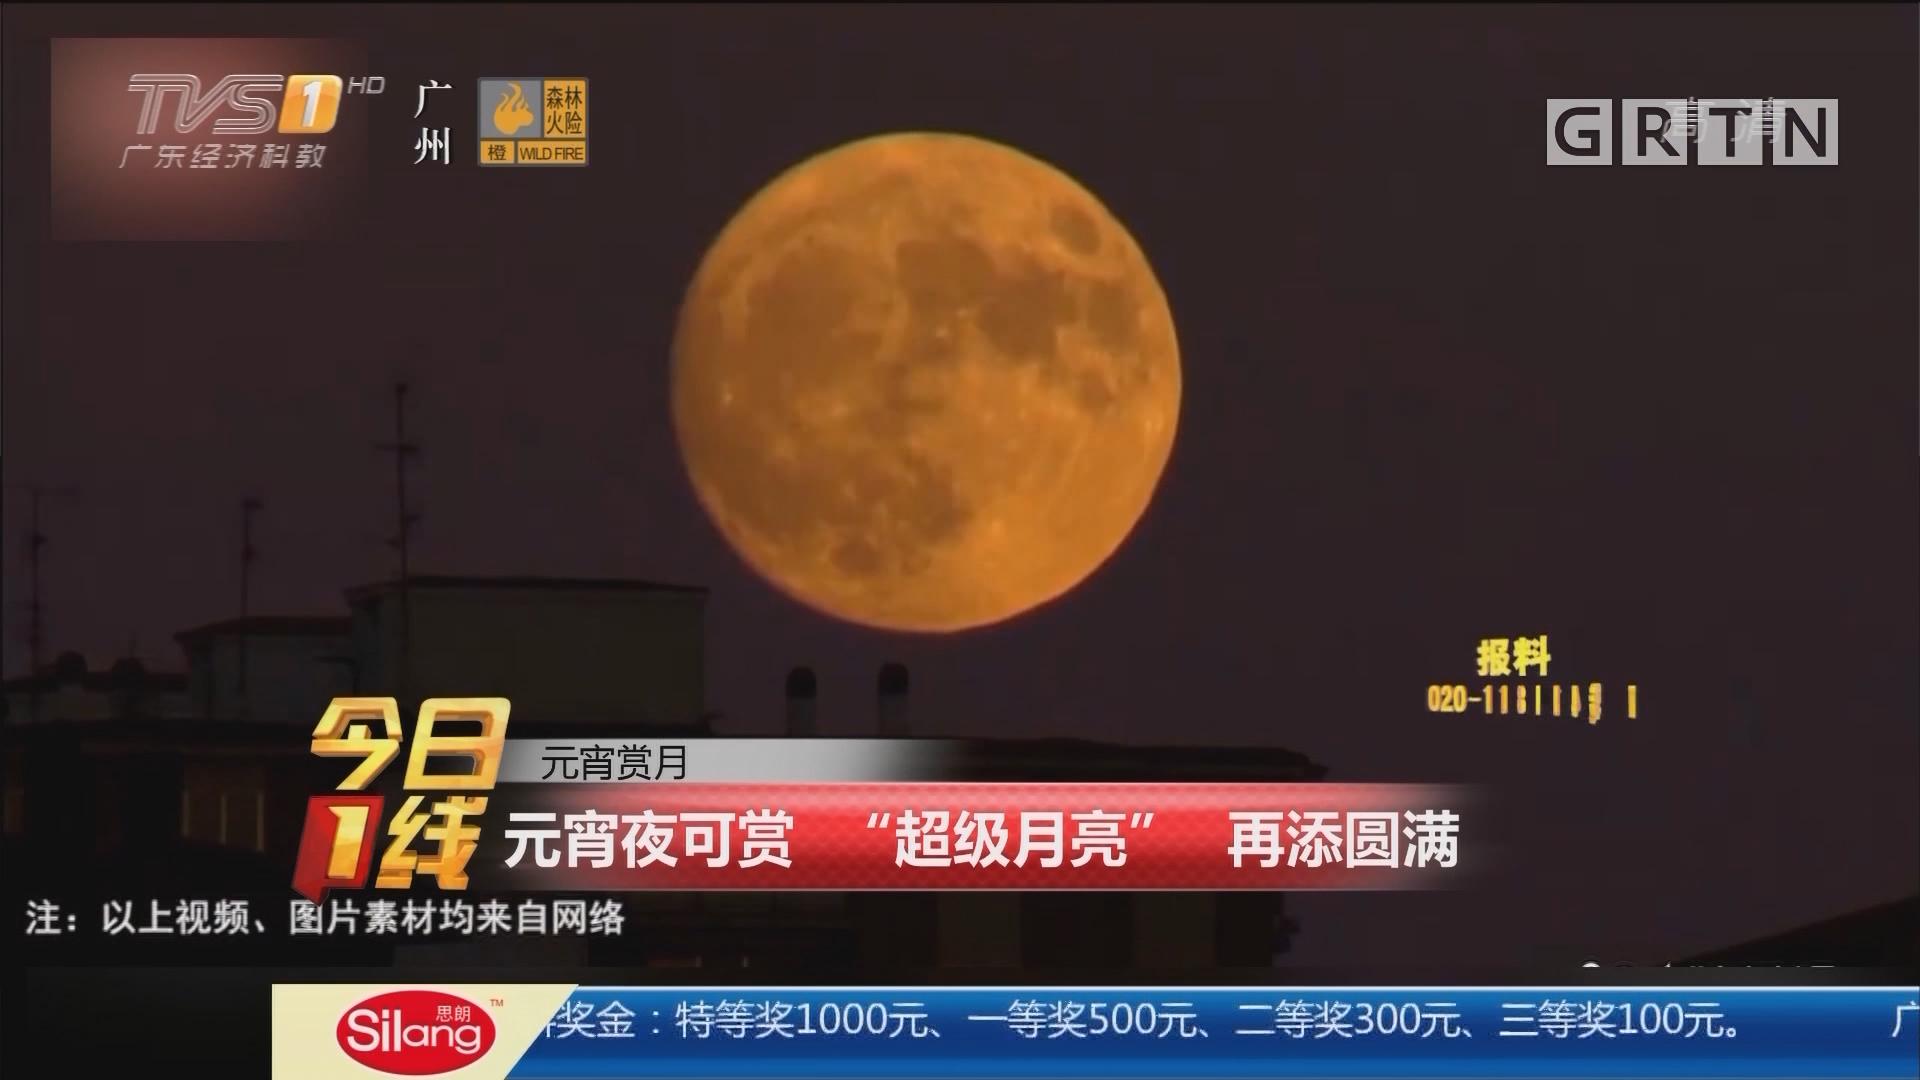 """元宵赏月:元宵夜可赏""""超级月亮"""" 再添圆满"""